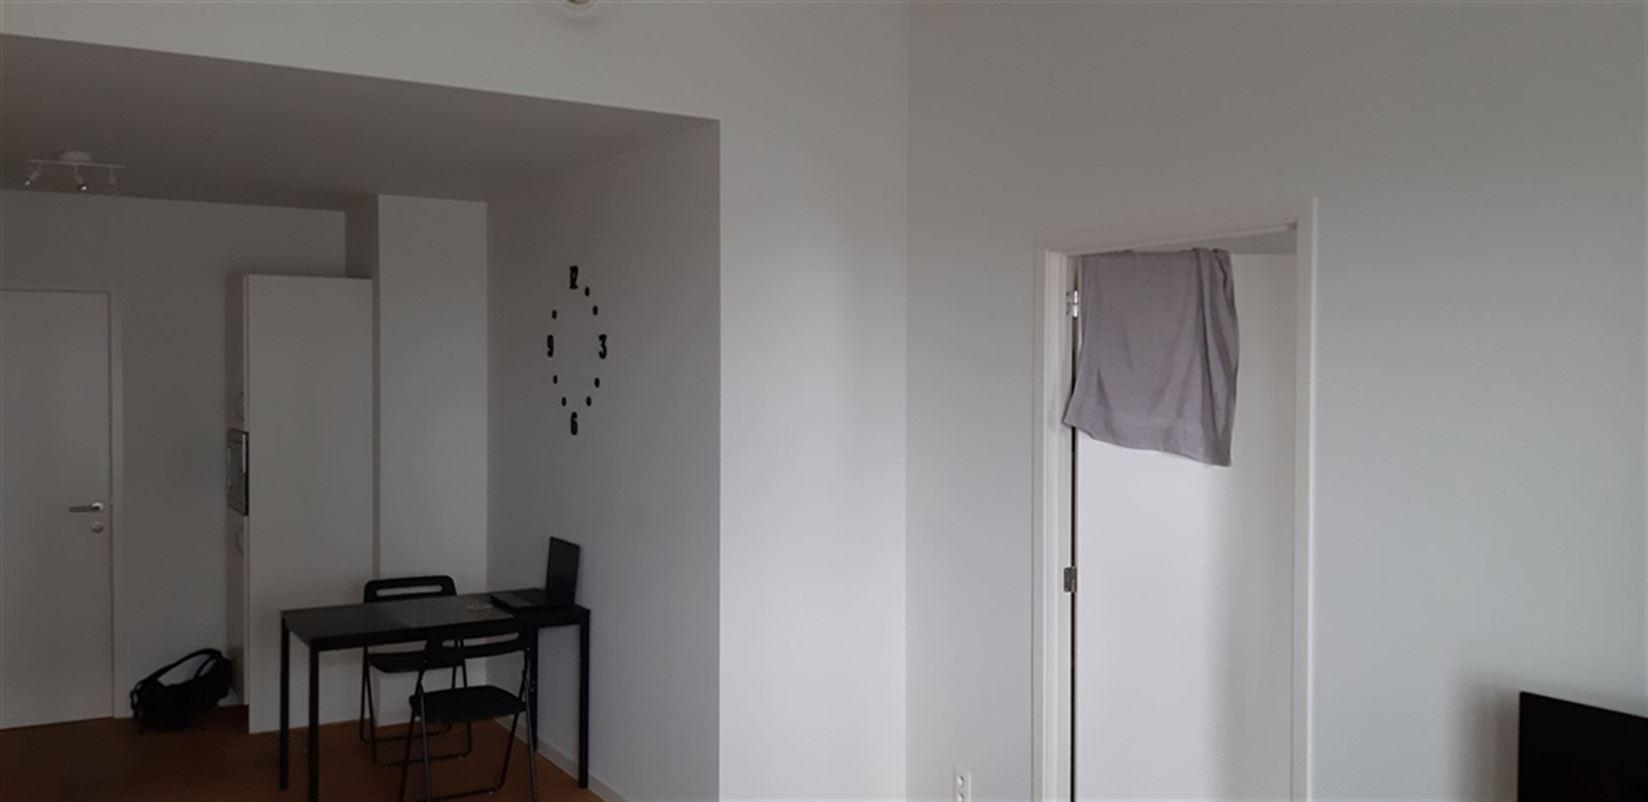 Foto 4 : Appartement te 2060 ANTWERPEN (België) - Prijs € 220.000